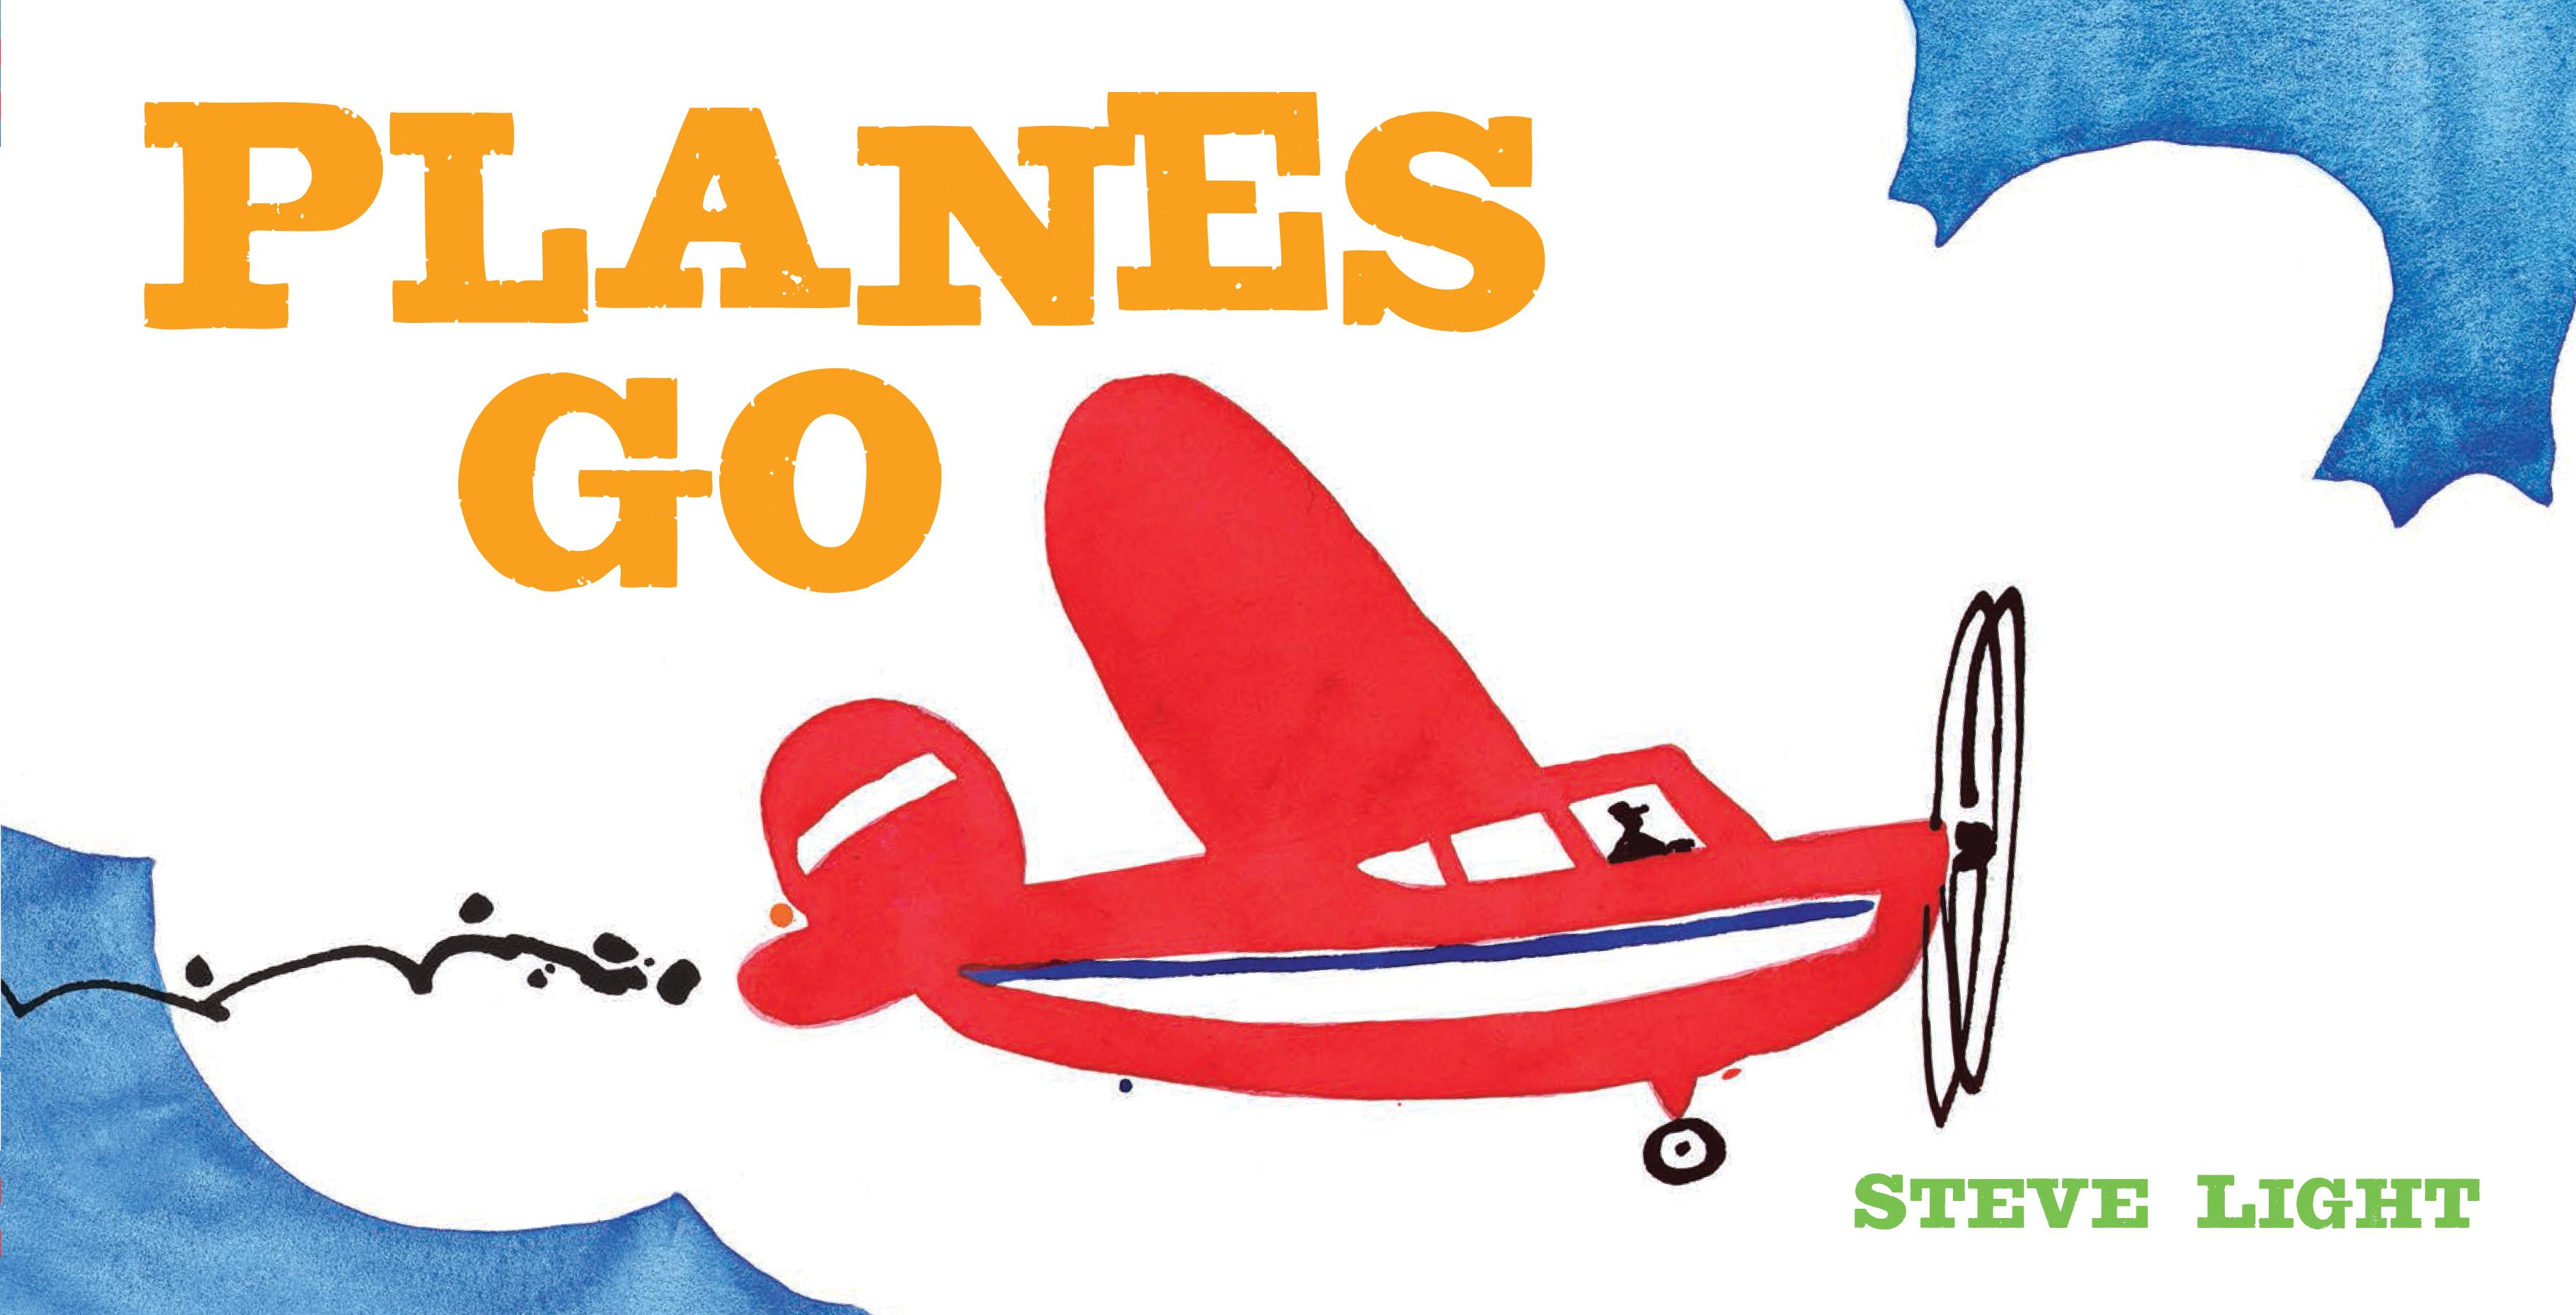 Sunday Story Time: Planes Go by Steve Light